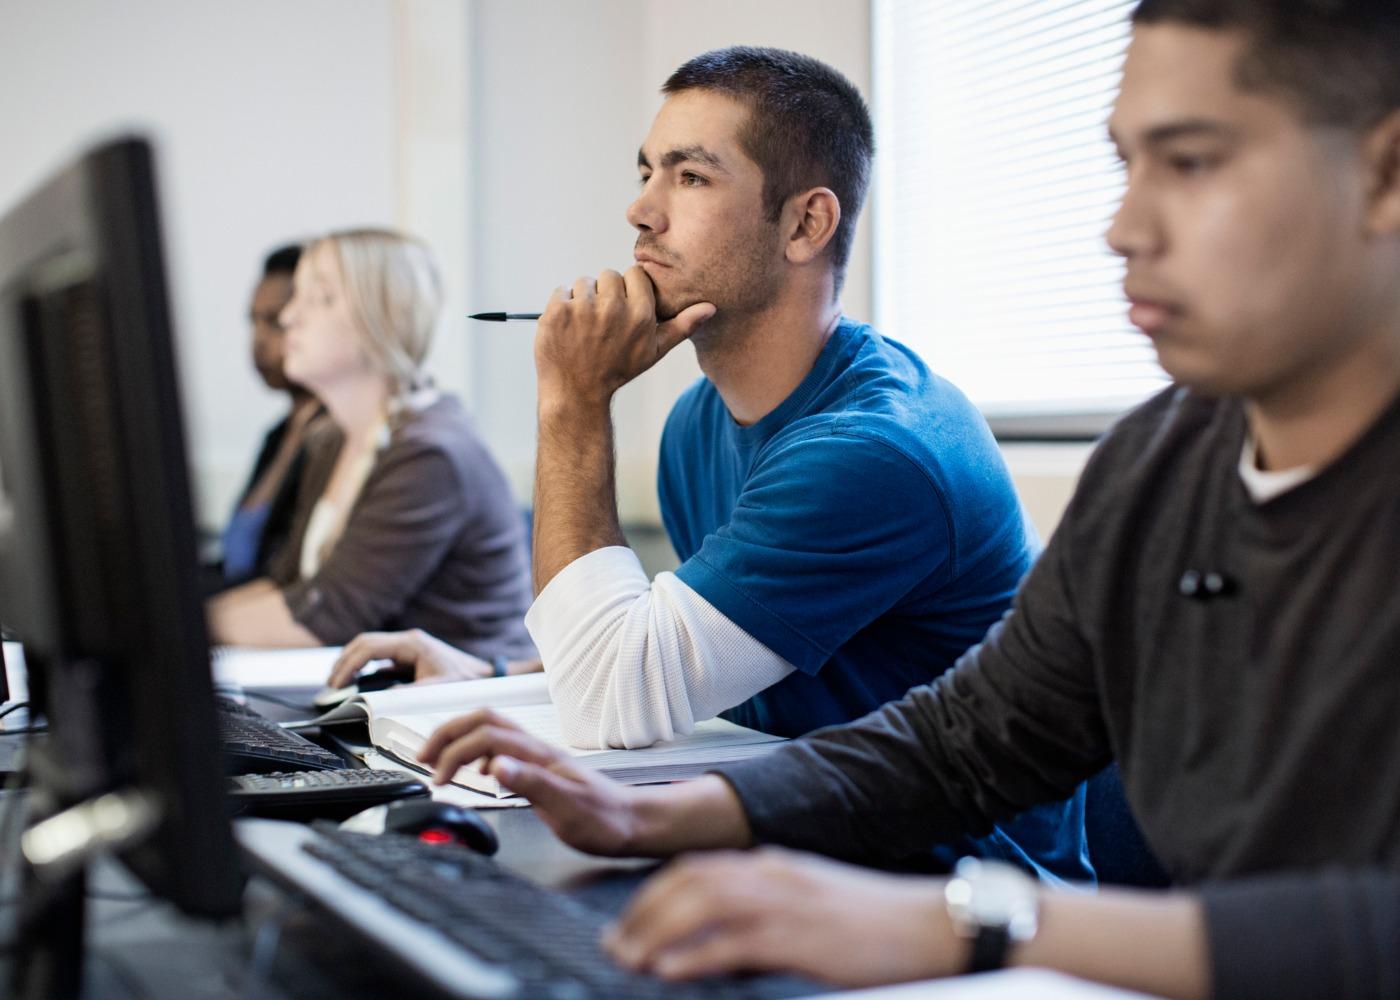 adultos em formação com computadores